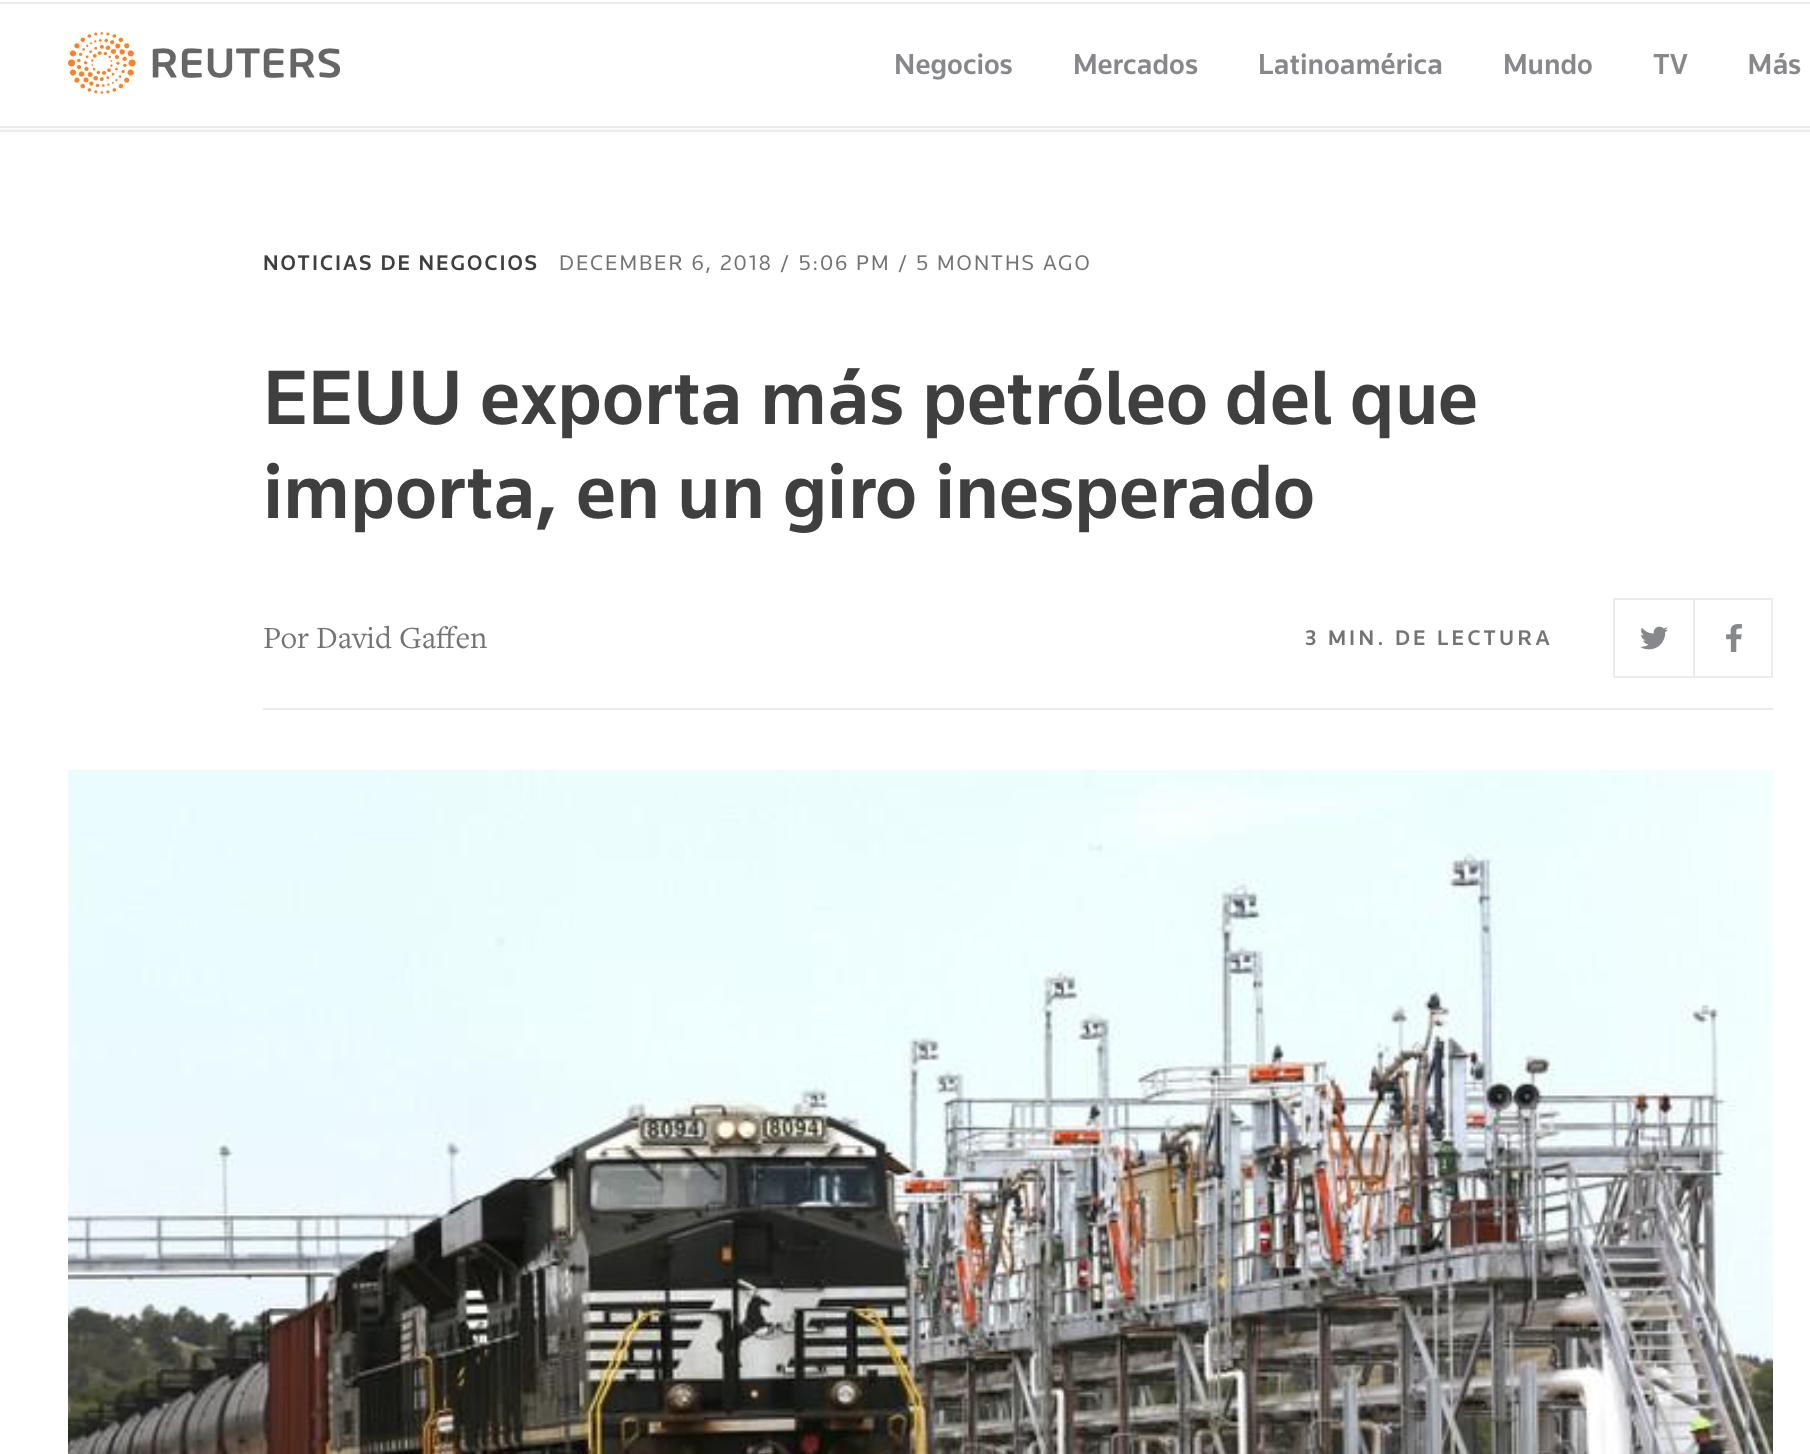 ¿Estados unidos sediento de petróleo extranjero? (2018)